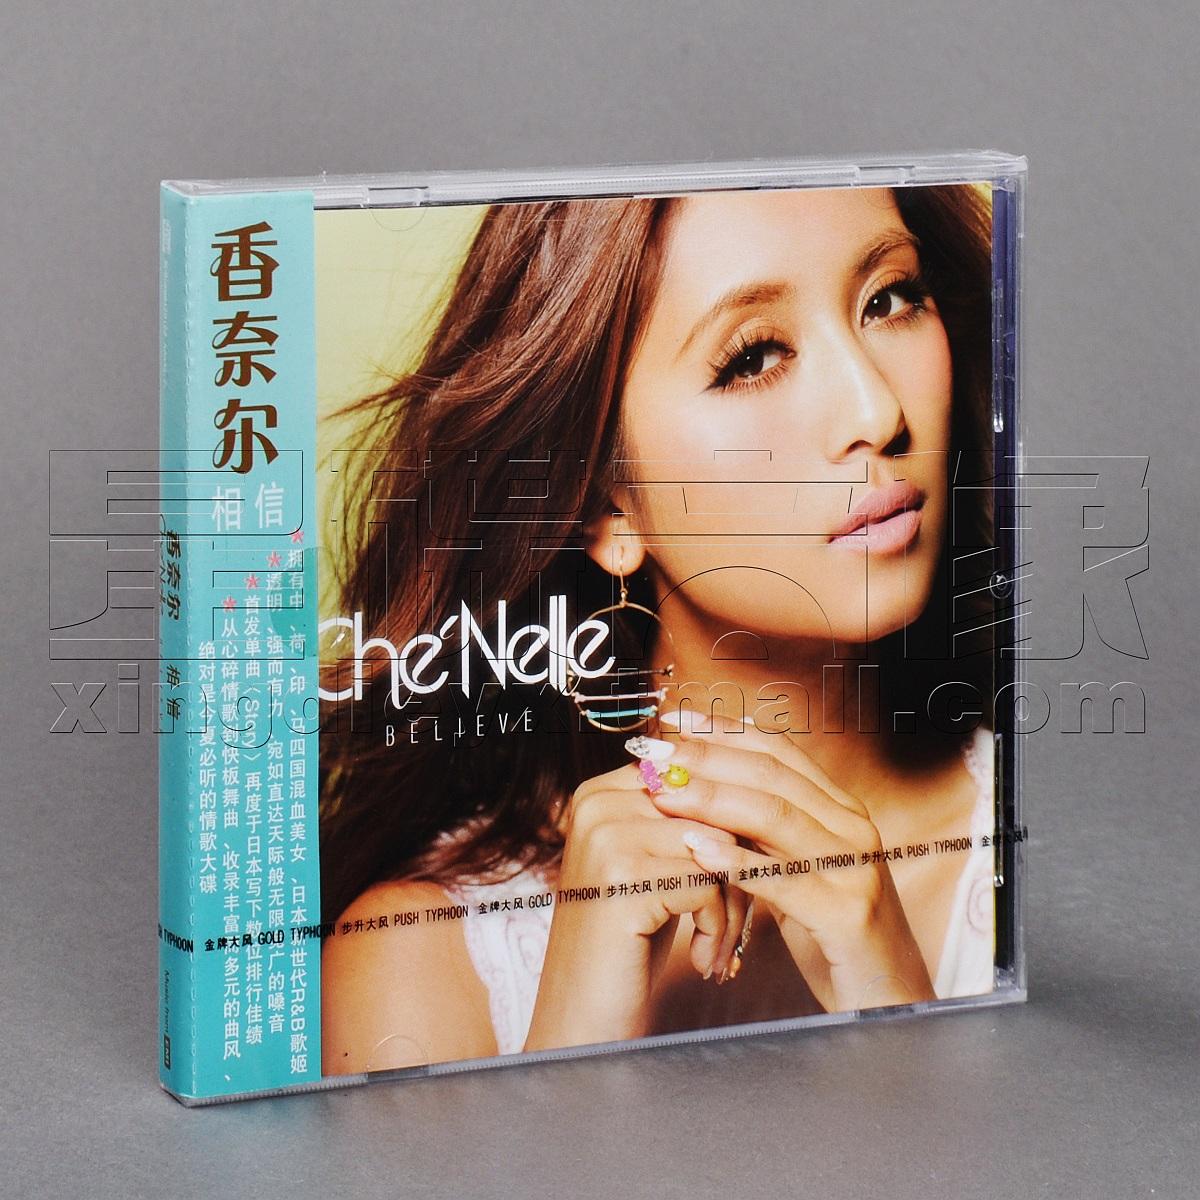 【正版特价】香奈儿/香奈尔:相信 专辑唱片Che'Nelle Believe C(用1.1元券)